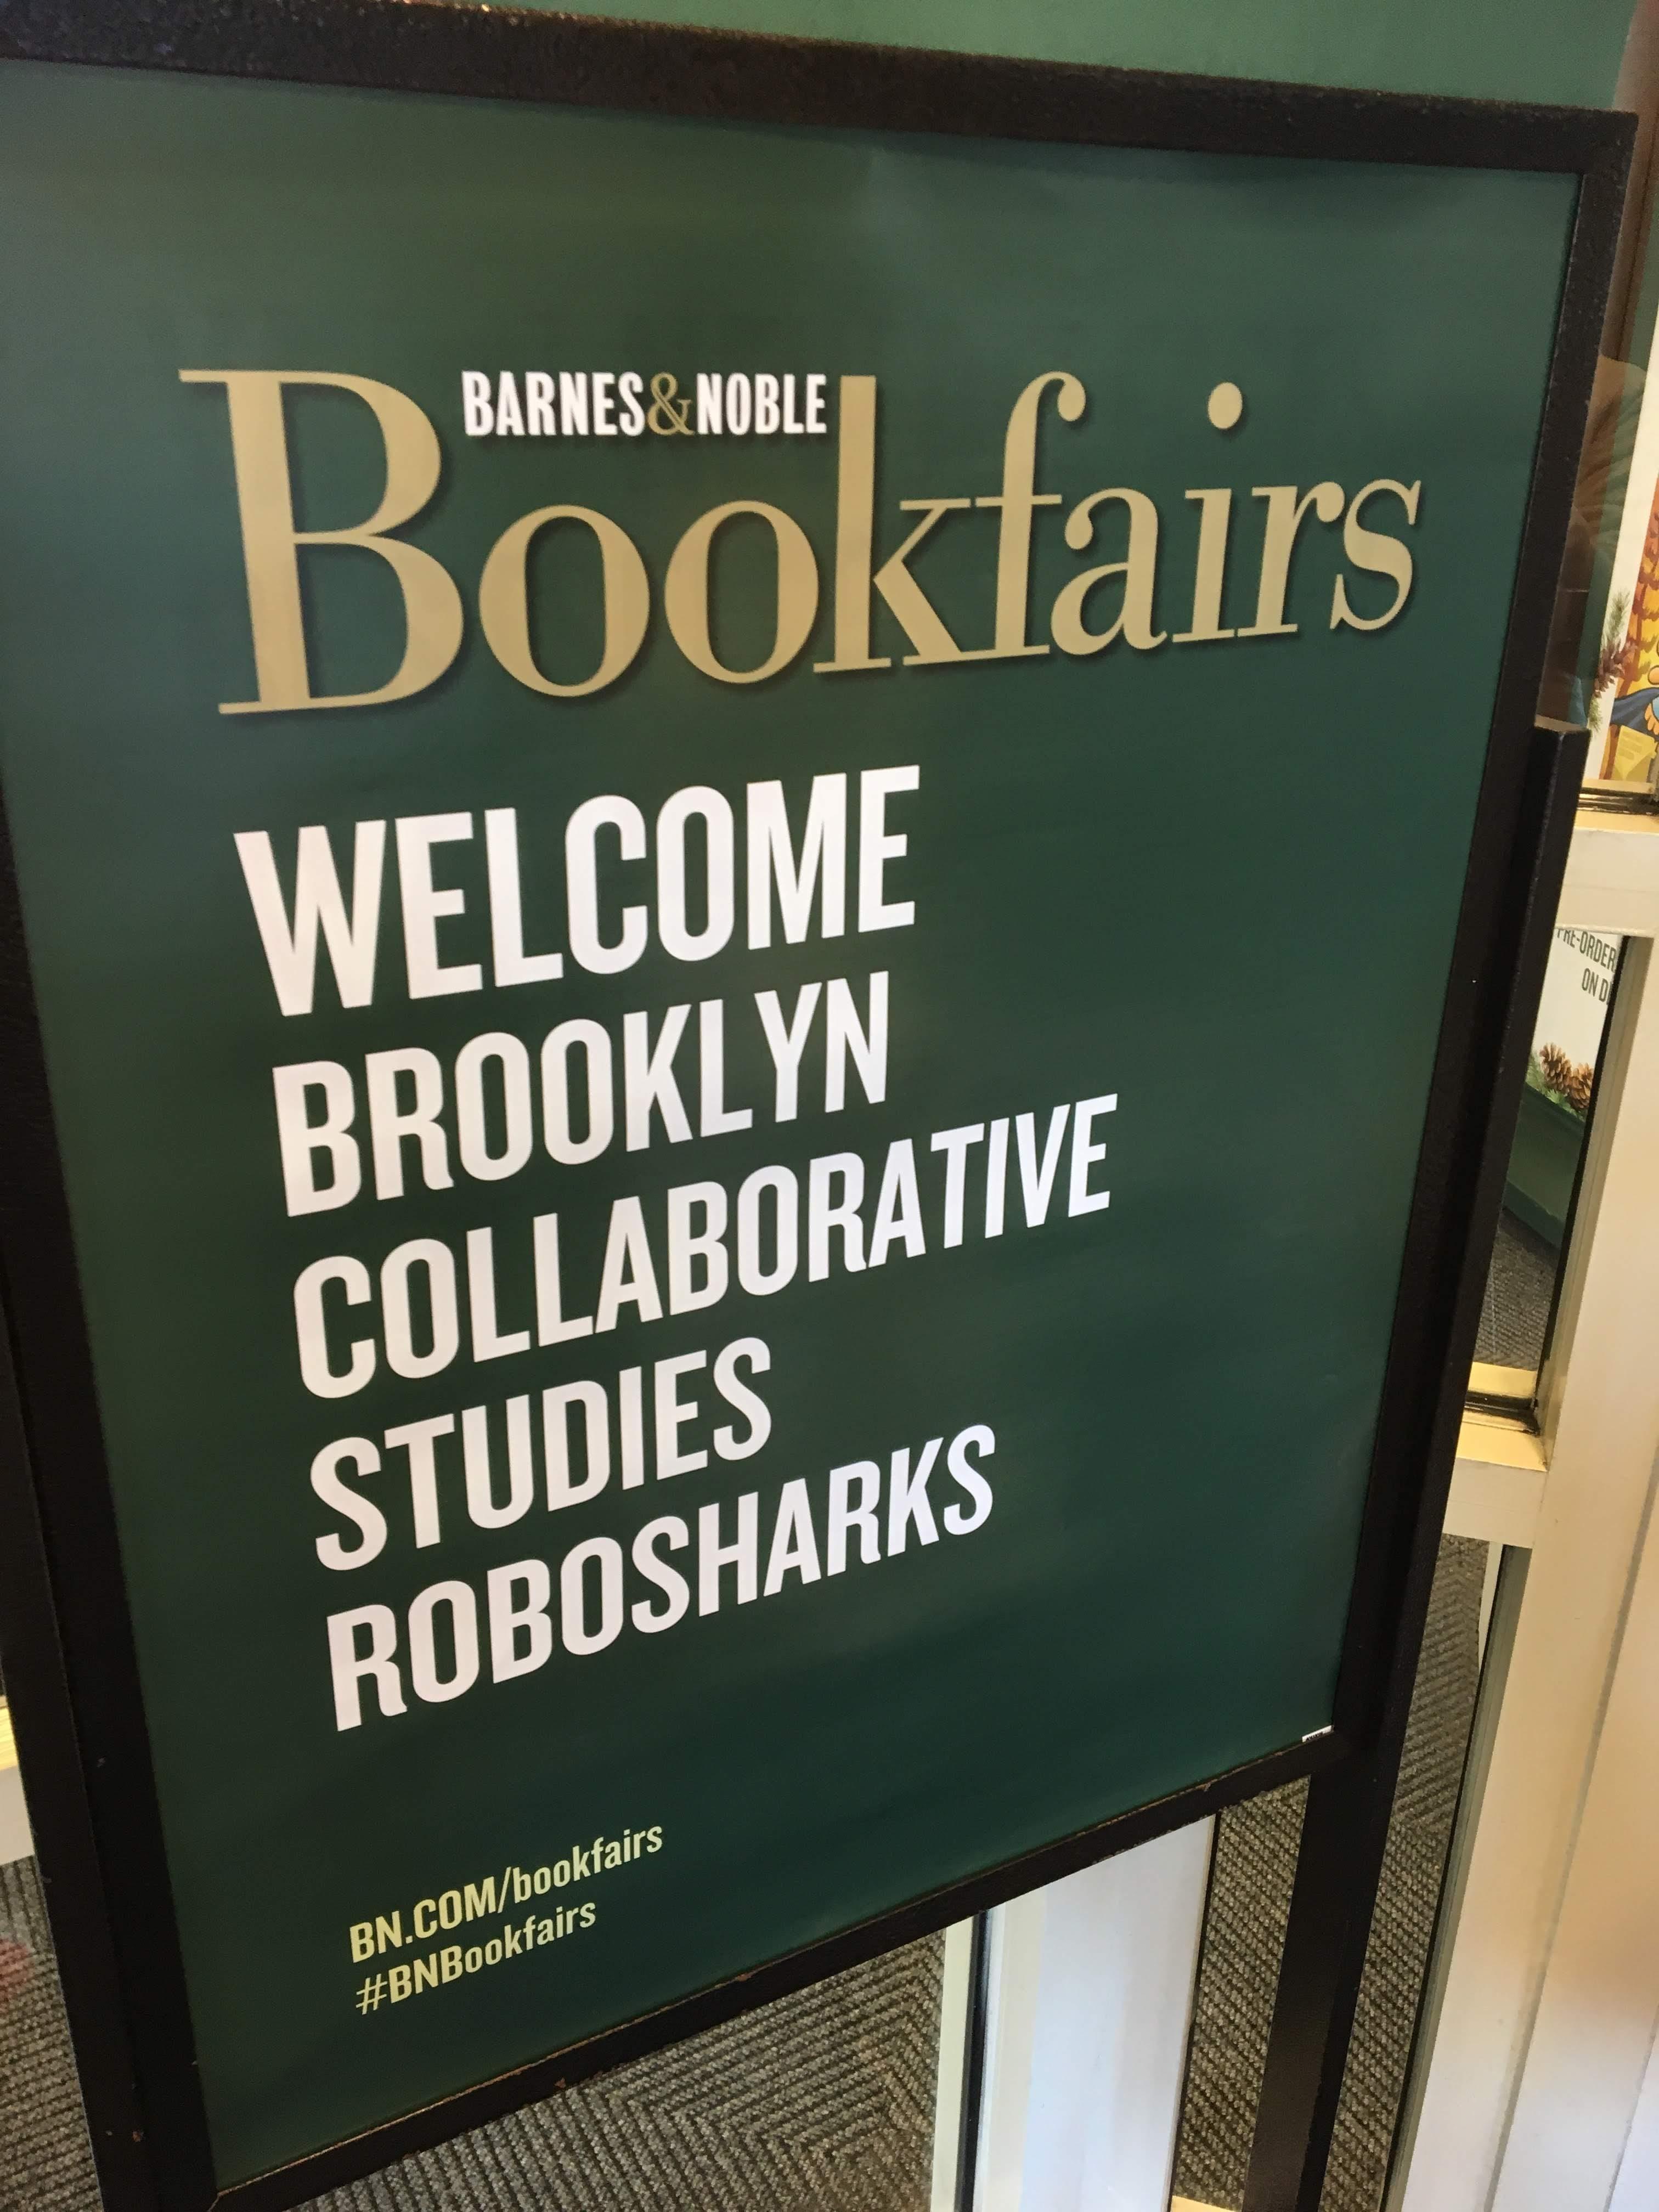 Barnes & Noble sign